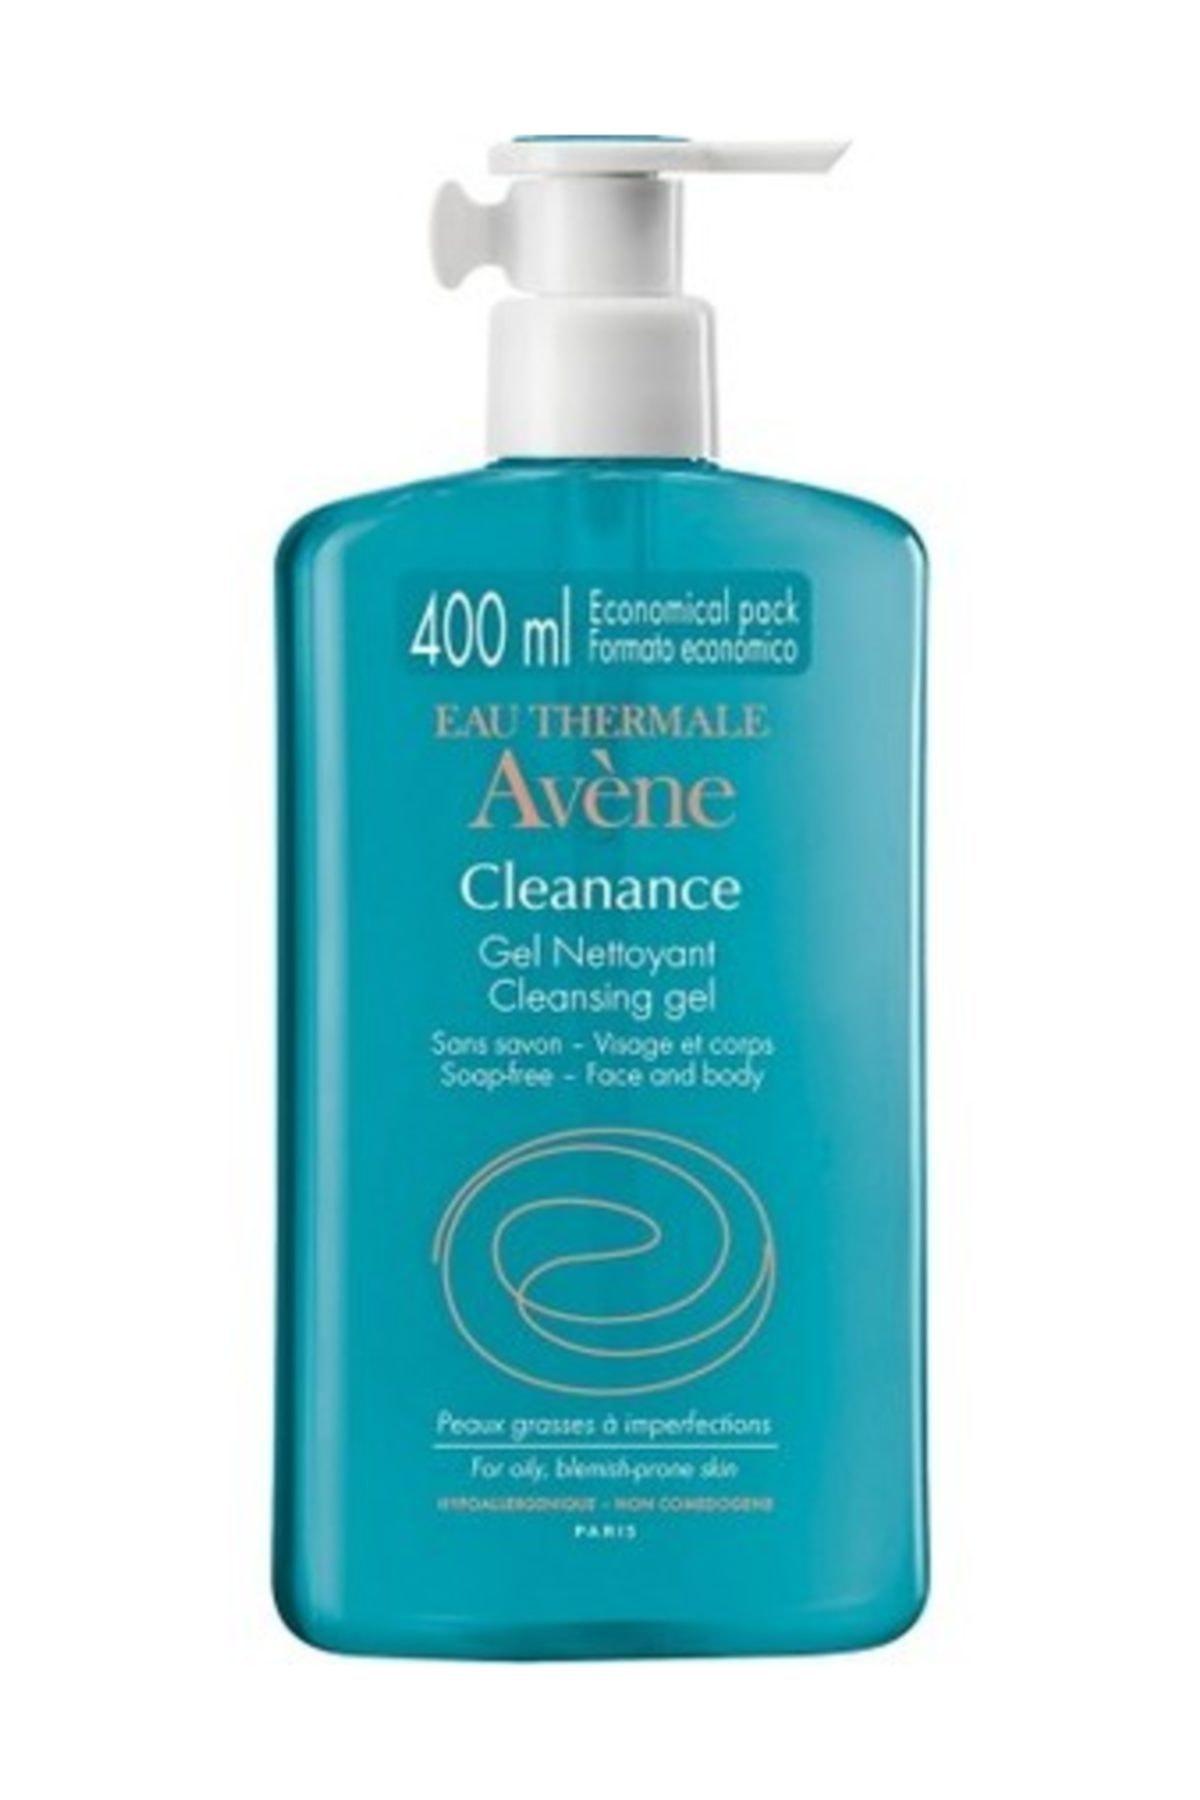 Avene Cleanance Gel Nettoyant Cleansing Gel 400 ml + Yuz Temizleme Diskleri Hediyeli 1